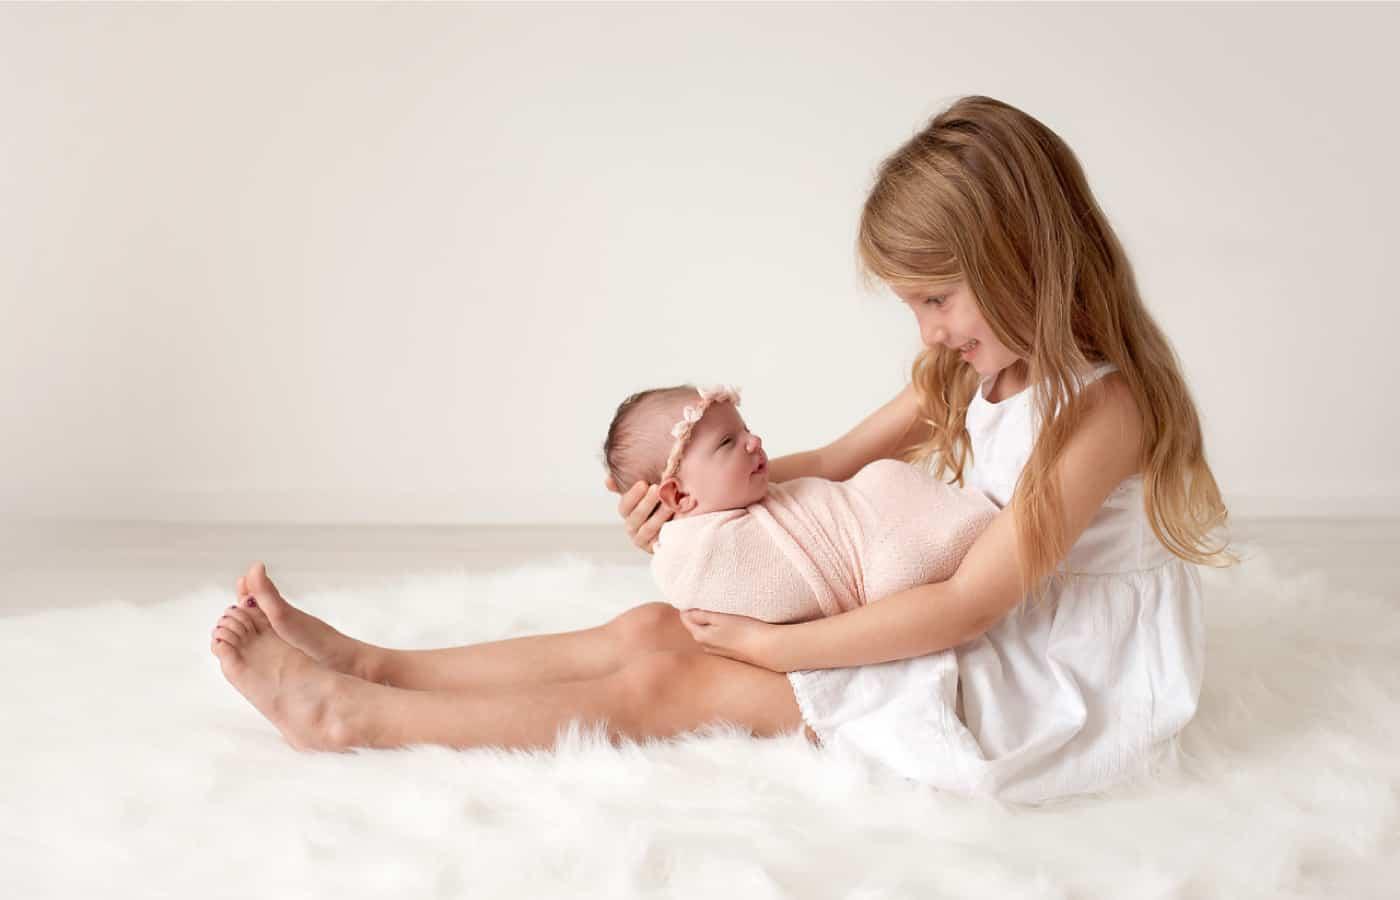 images-newborn-posing-07